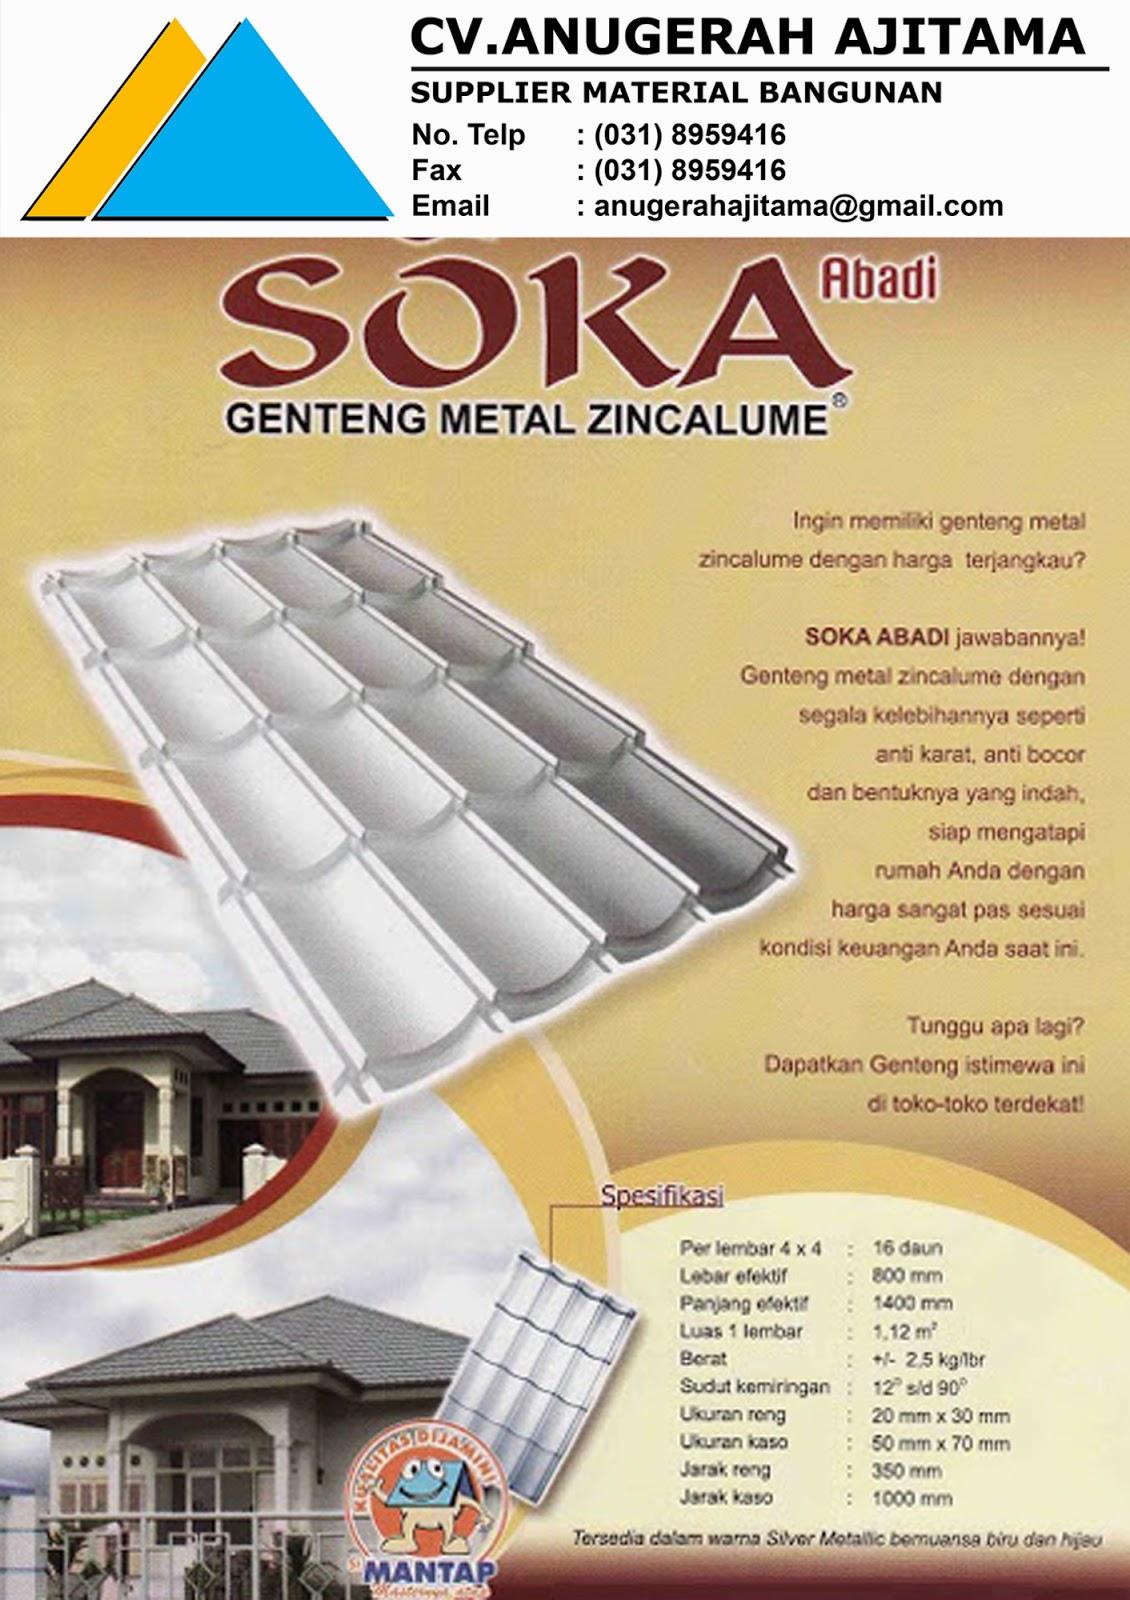 GENTENG METAL SOKA ABADI